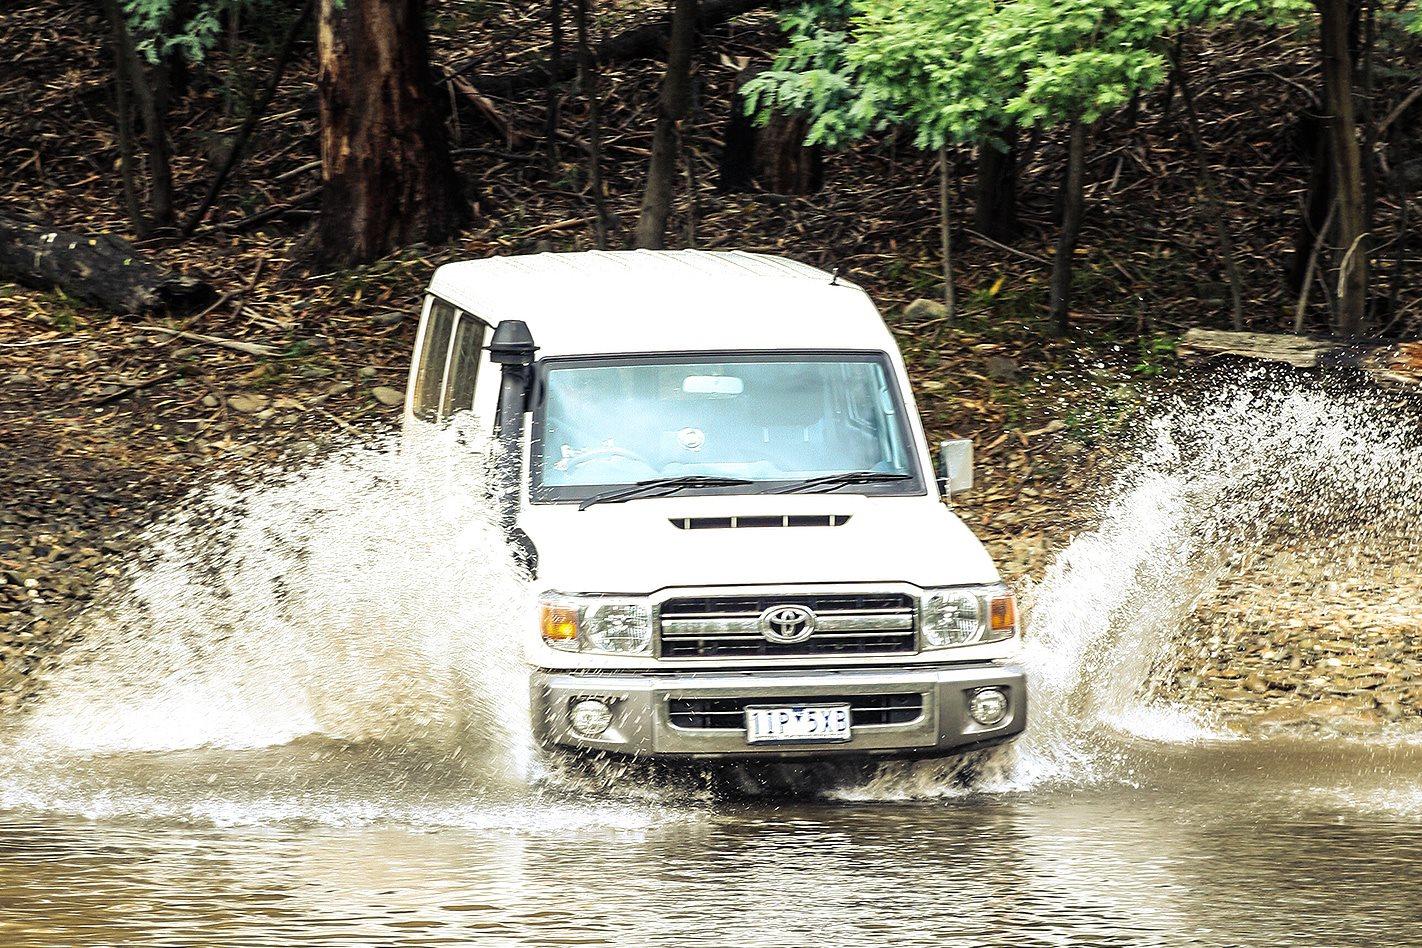 Toyota Land Cruiser VDJ78 Troop Carrier  water crossing